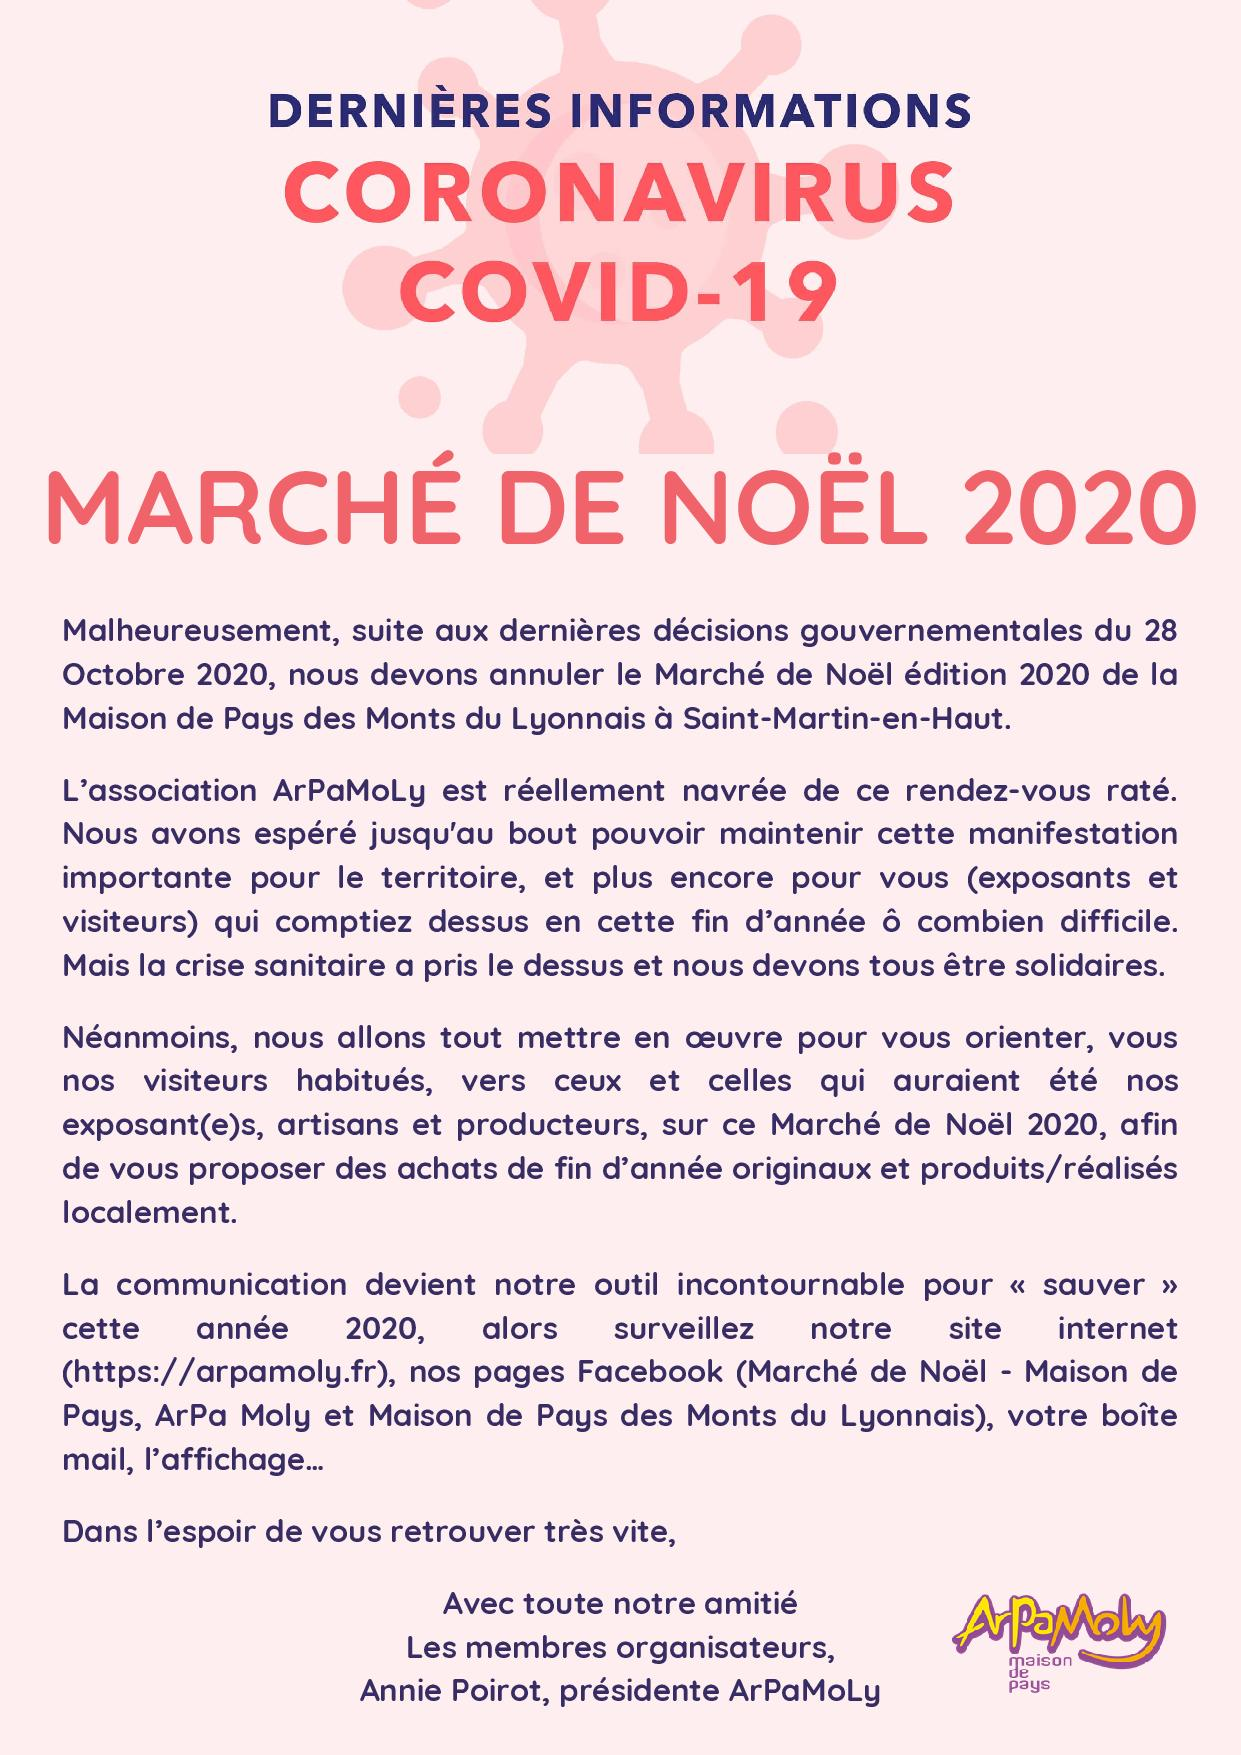 Covid 19 - Annulation du marché de Noël 2020